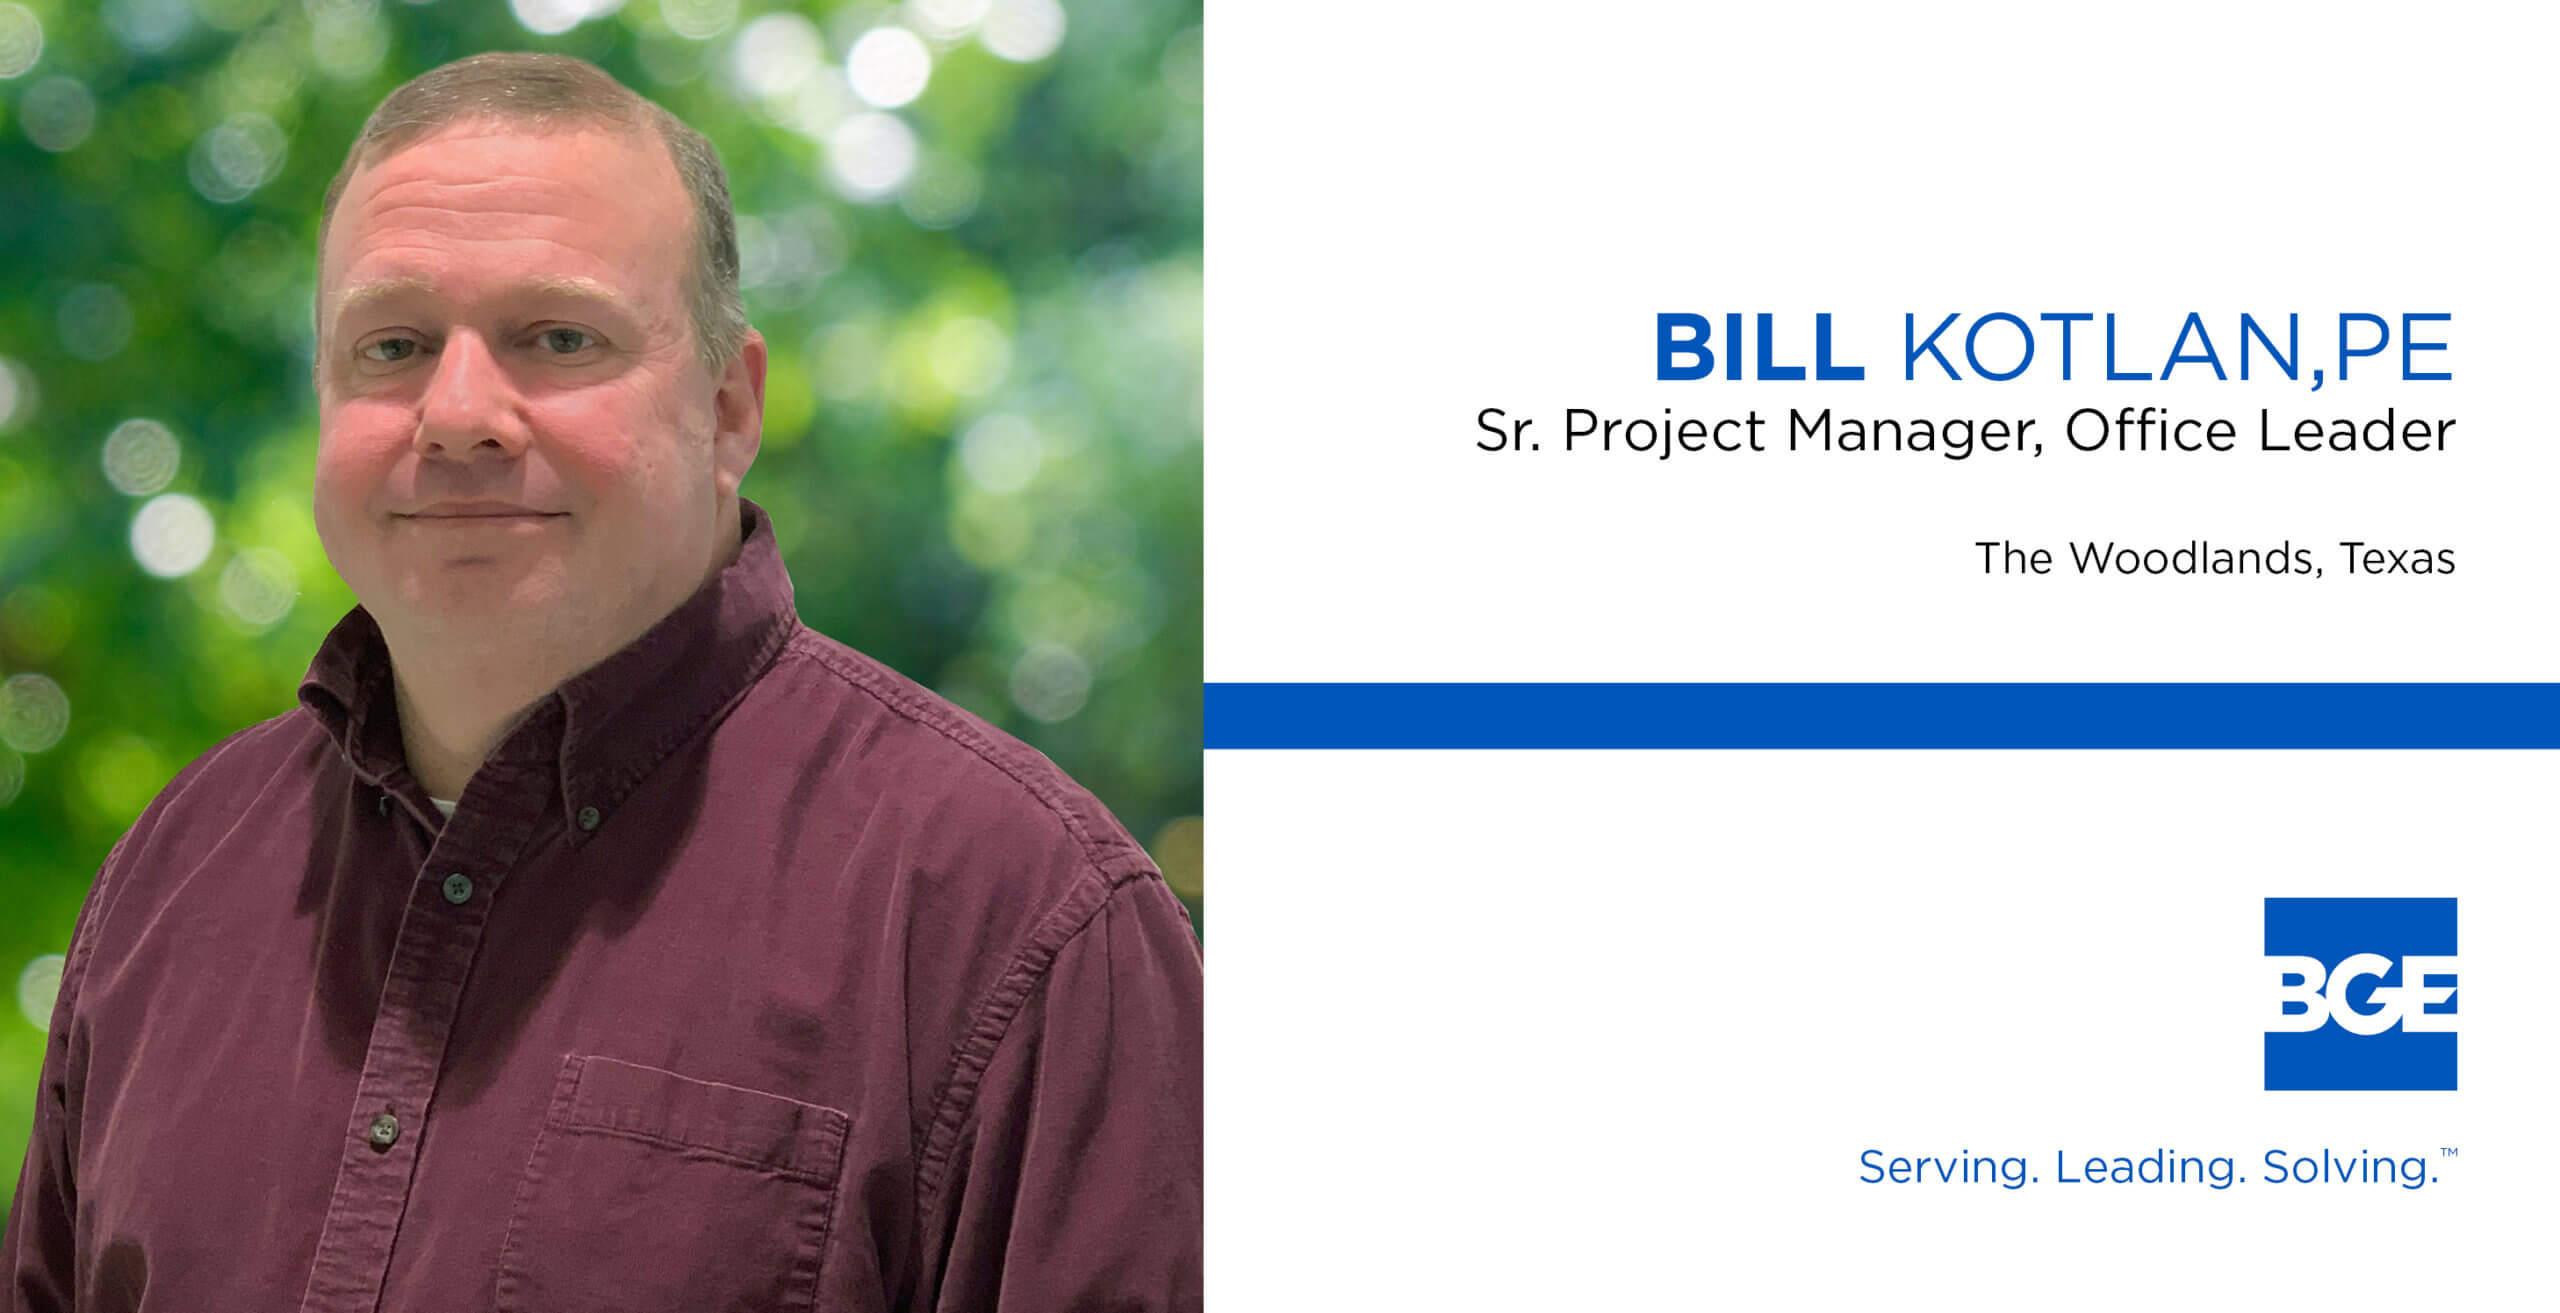 Bill Kotlan Named Office Leader of BGE's Woodlands Office